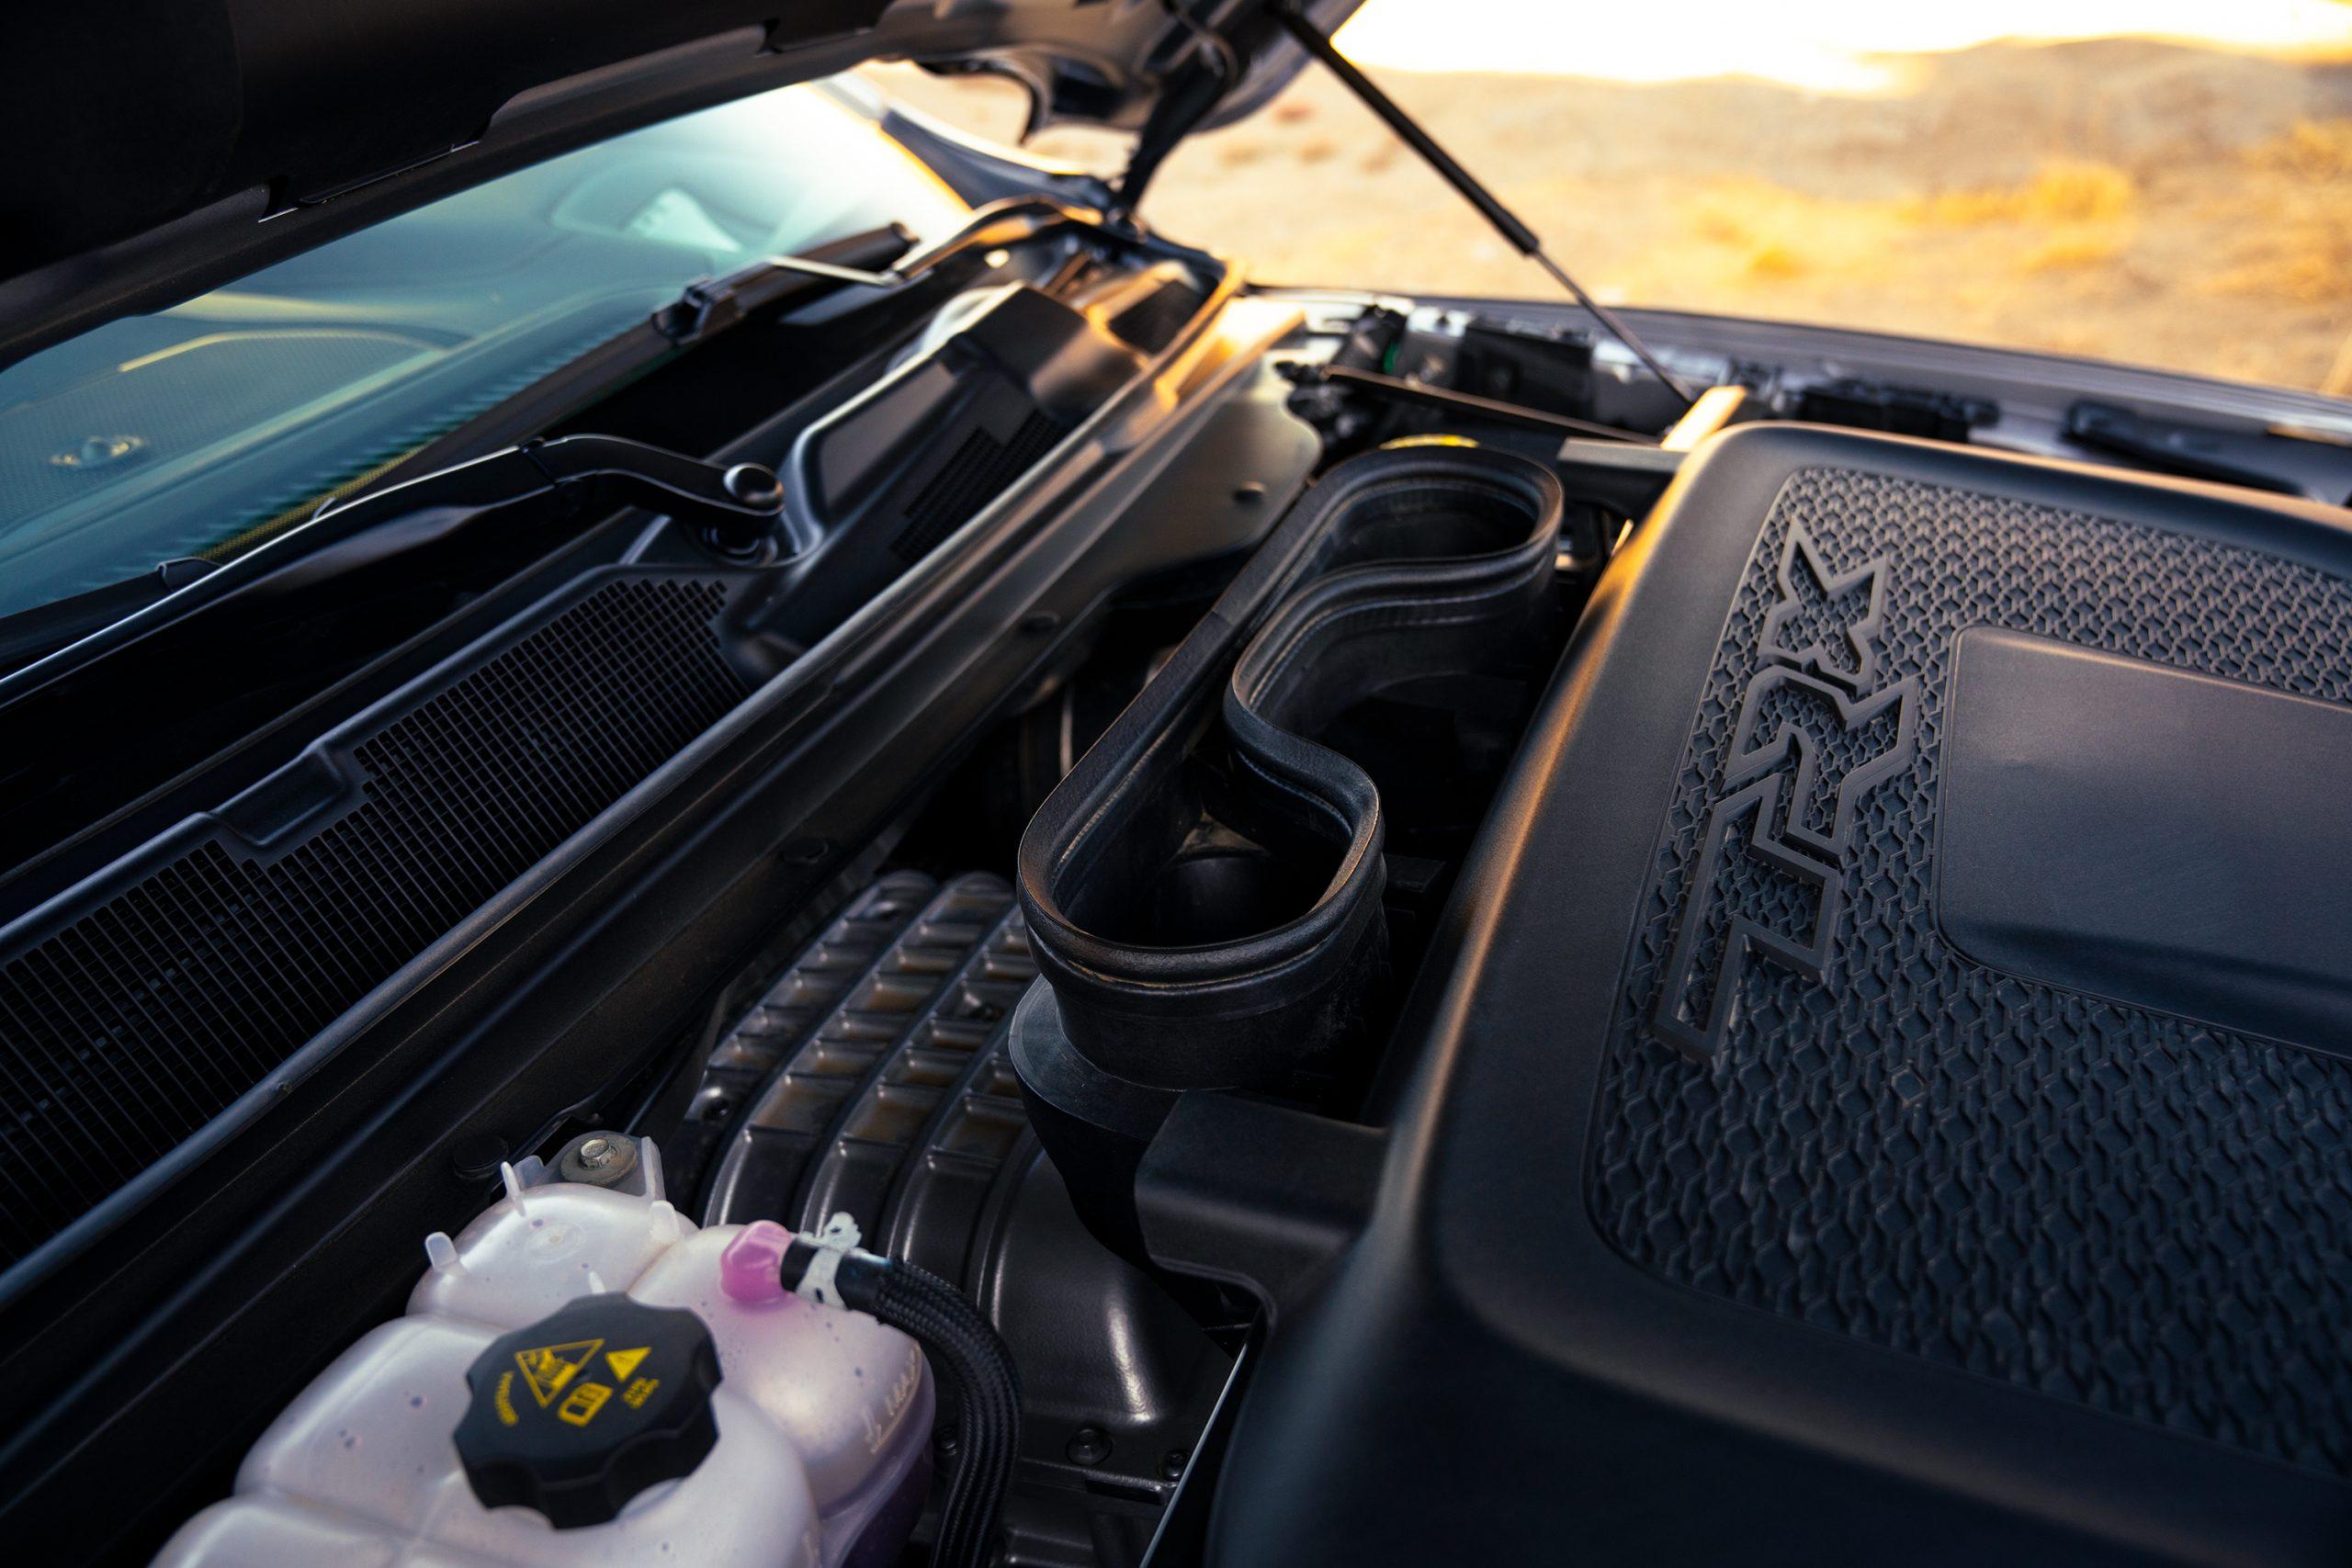 2021 Ram 1500 TRX engine cover